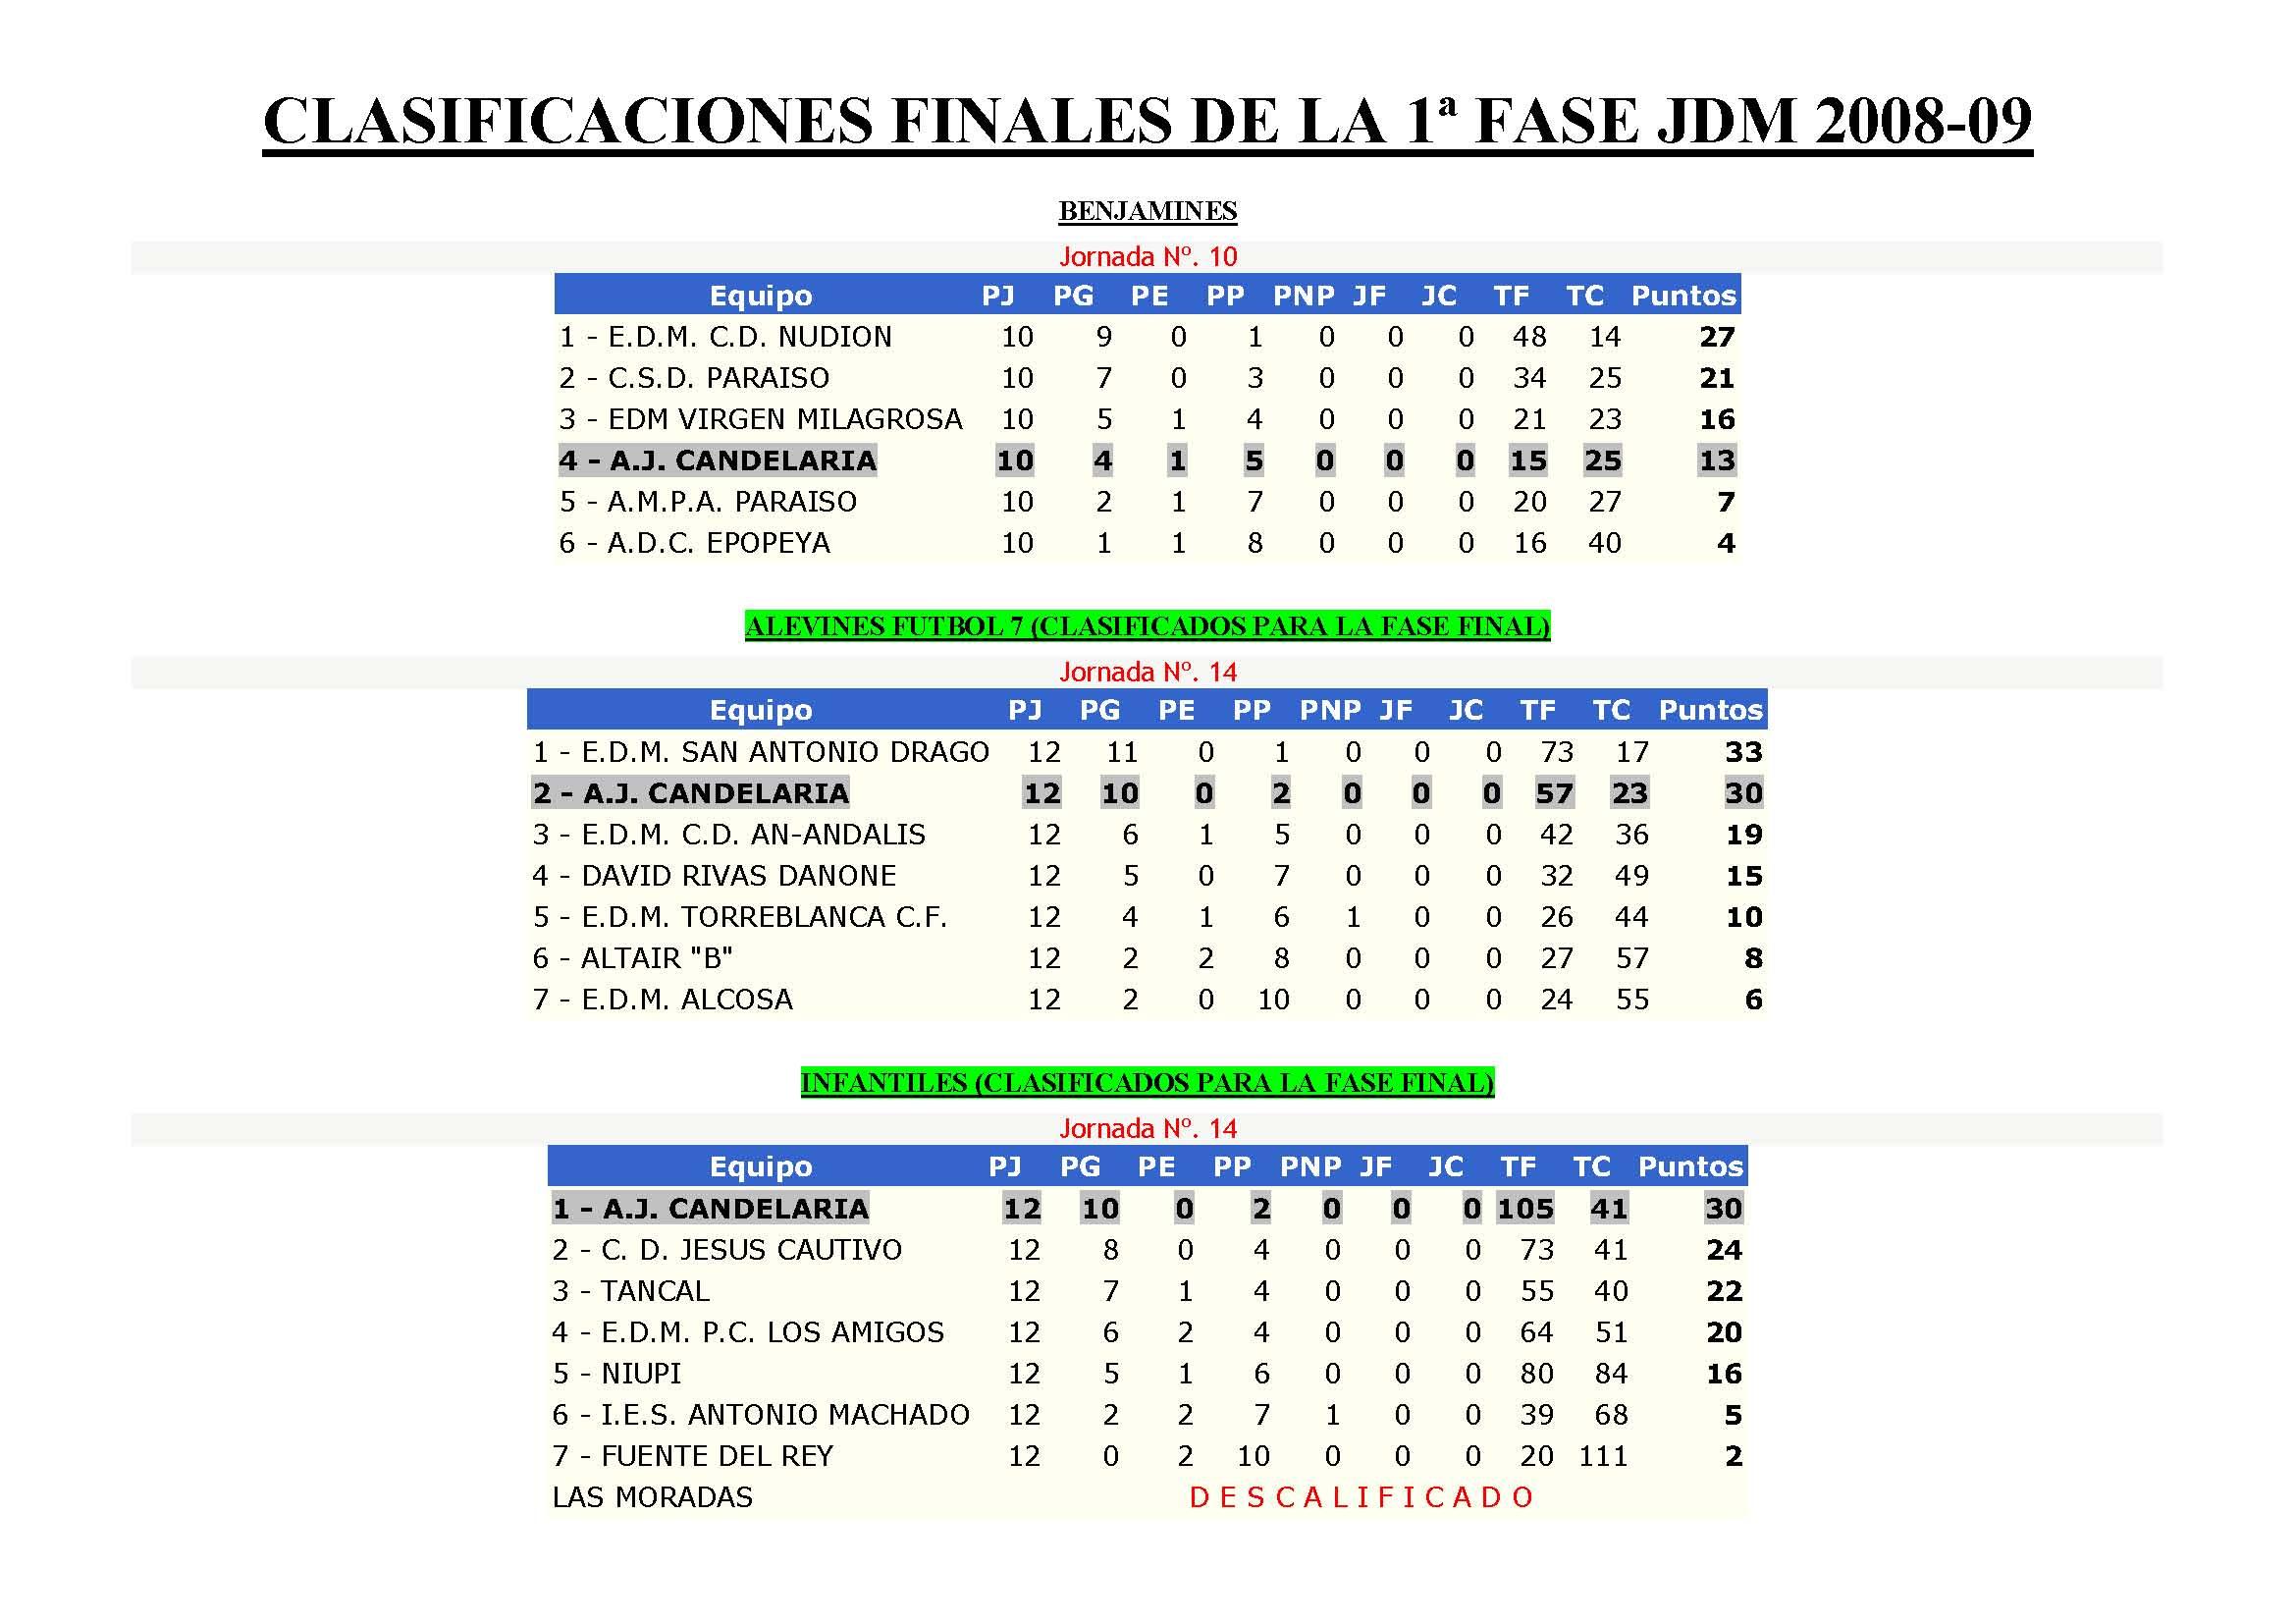 clasificaciones-finales-de-la-1c2aa-fase-jdm-2008_pagina_1